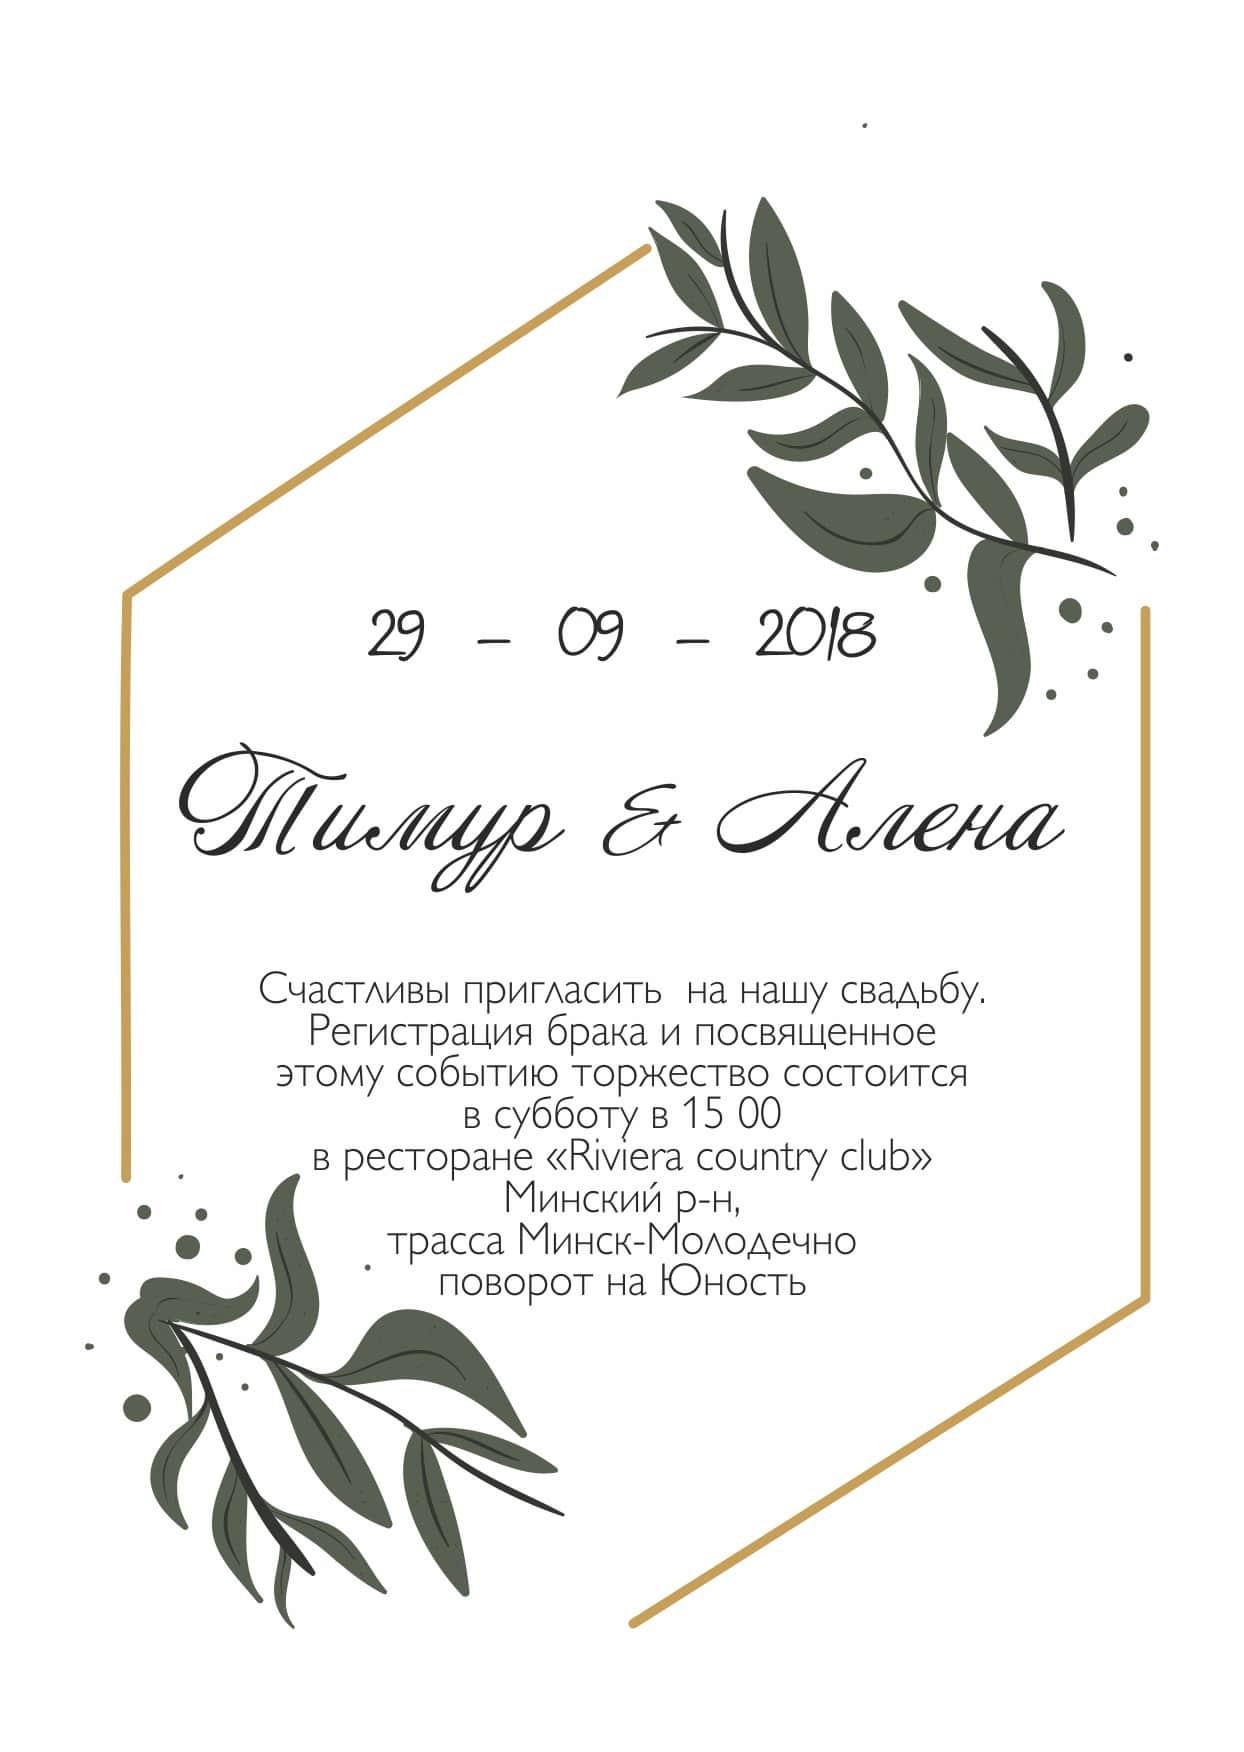 Электронные трафареты приглашения на свадьбу